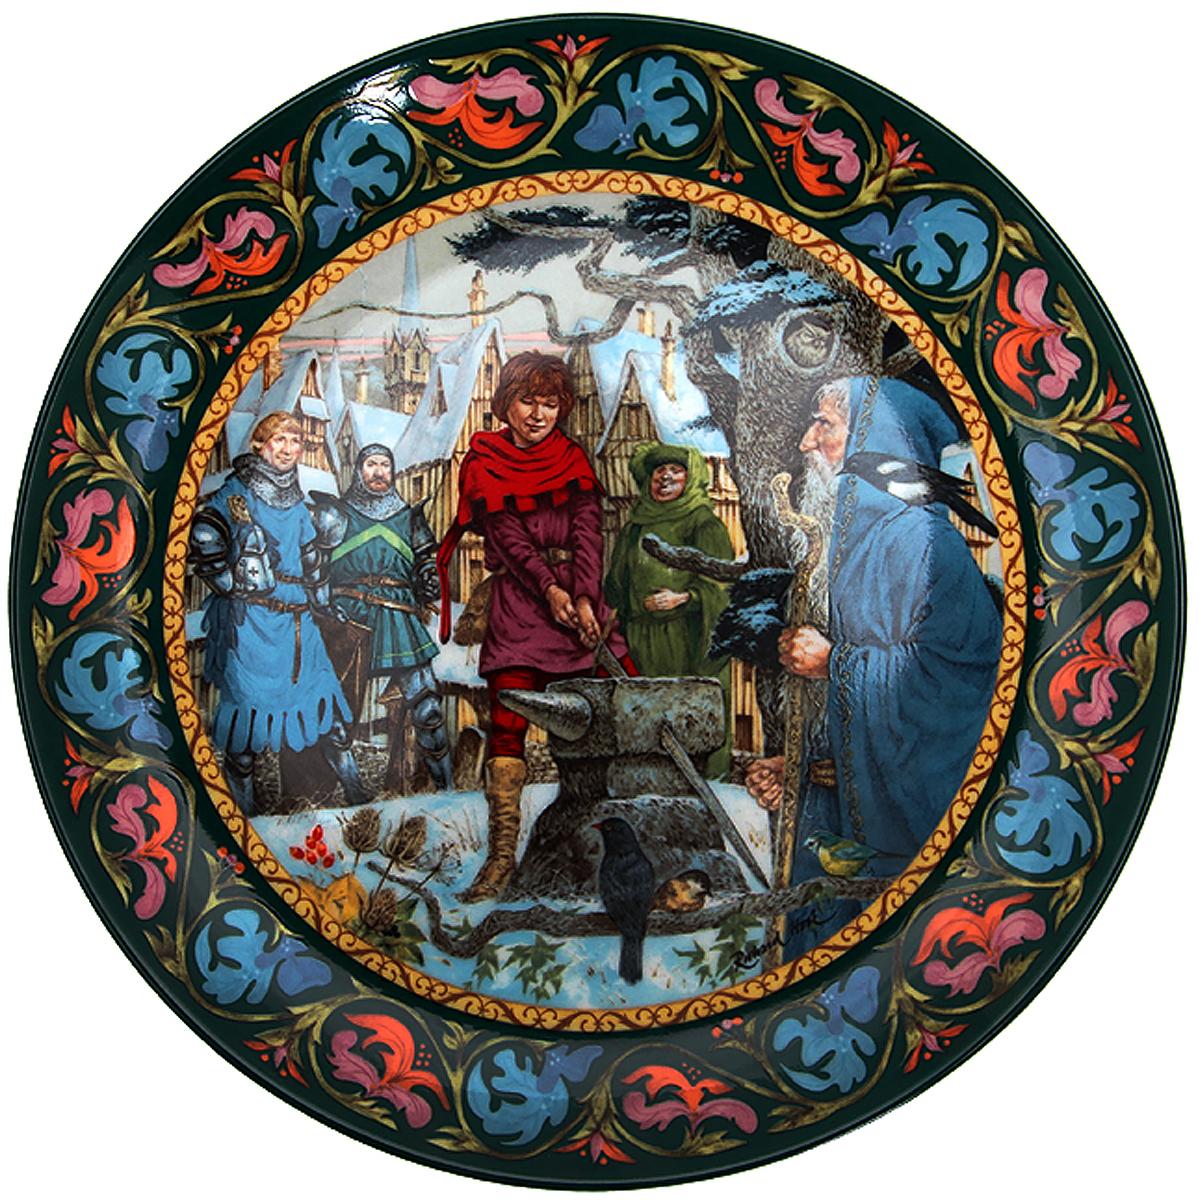 Ричард Хук Артур вынимает меч, декоративная тарелка. Фарфор, деколь. Wedgwood, Великобритания, 1986 год декоративная коллекционная тарелка календарь 1971 фарфор деколь великобритания wedgwood of etruria